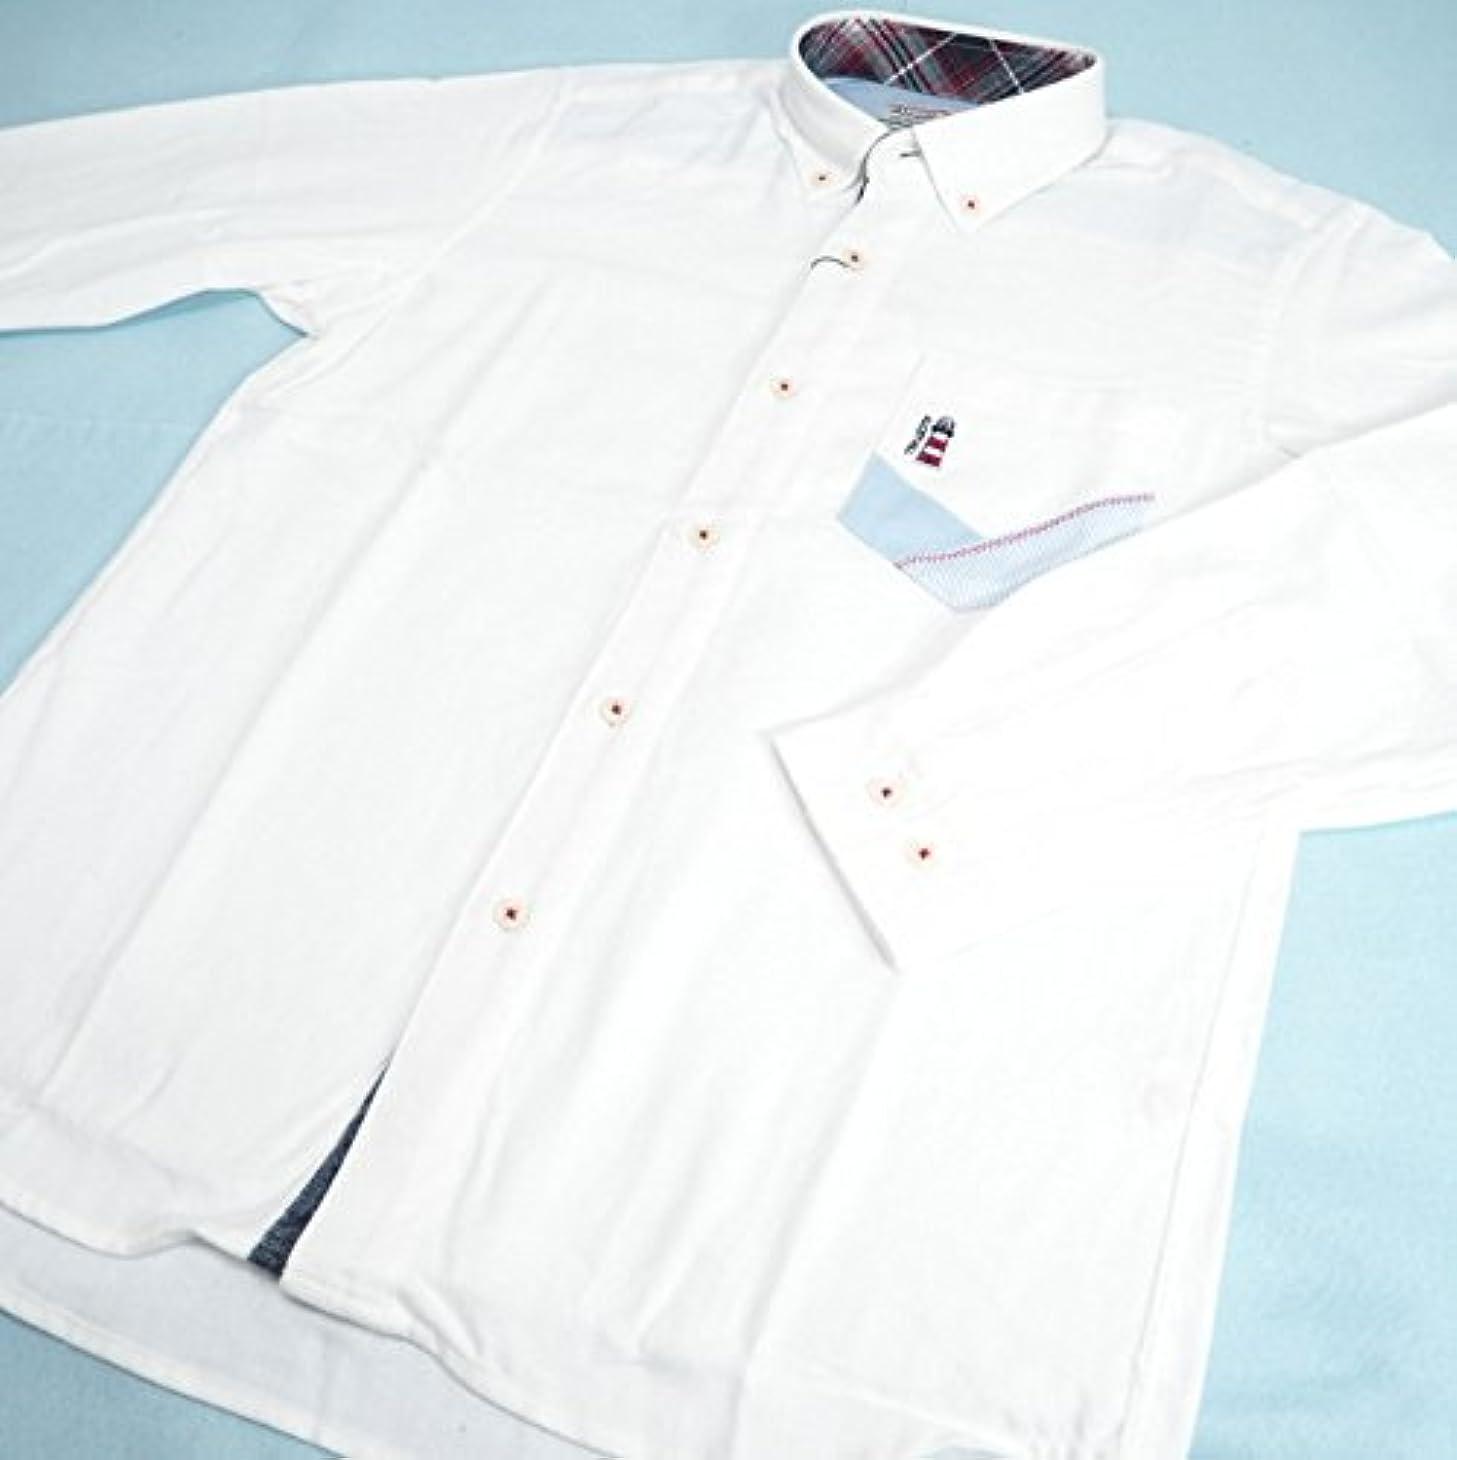 恥順応性寄付20843 秋冬 長袖 無地 ネルシャツ ボタンダウン 胸ポケット付き ホワイト(白) サイズ L ANGELO アンジェロ 紳士服 メンズ 男性用